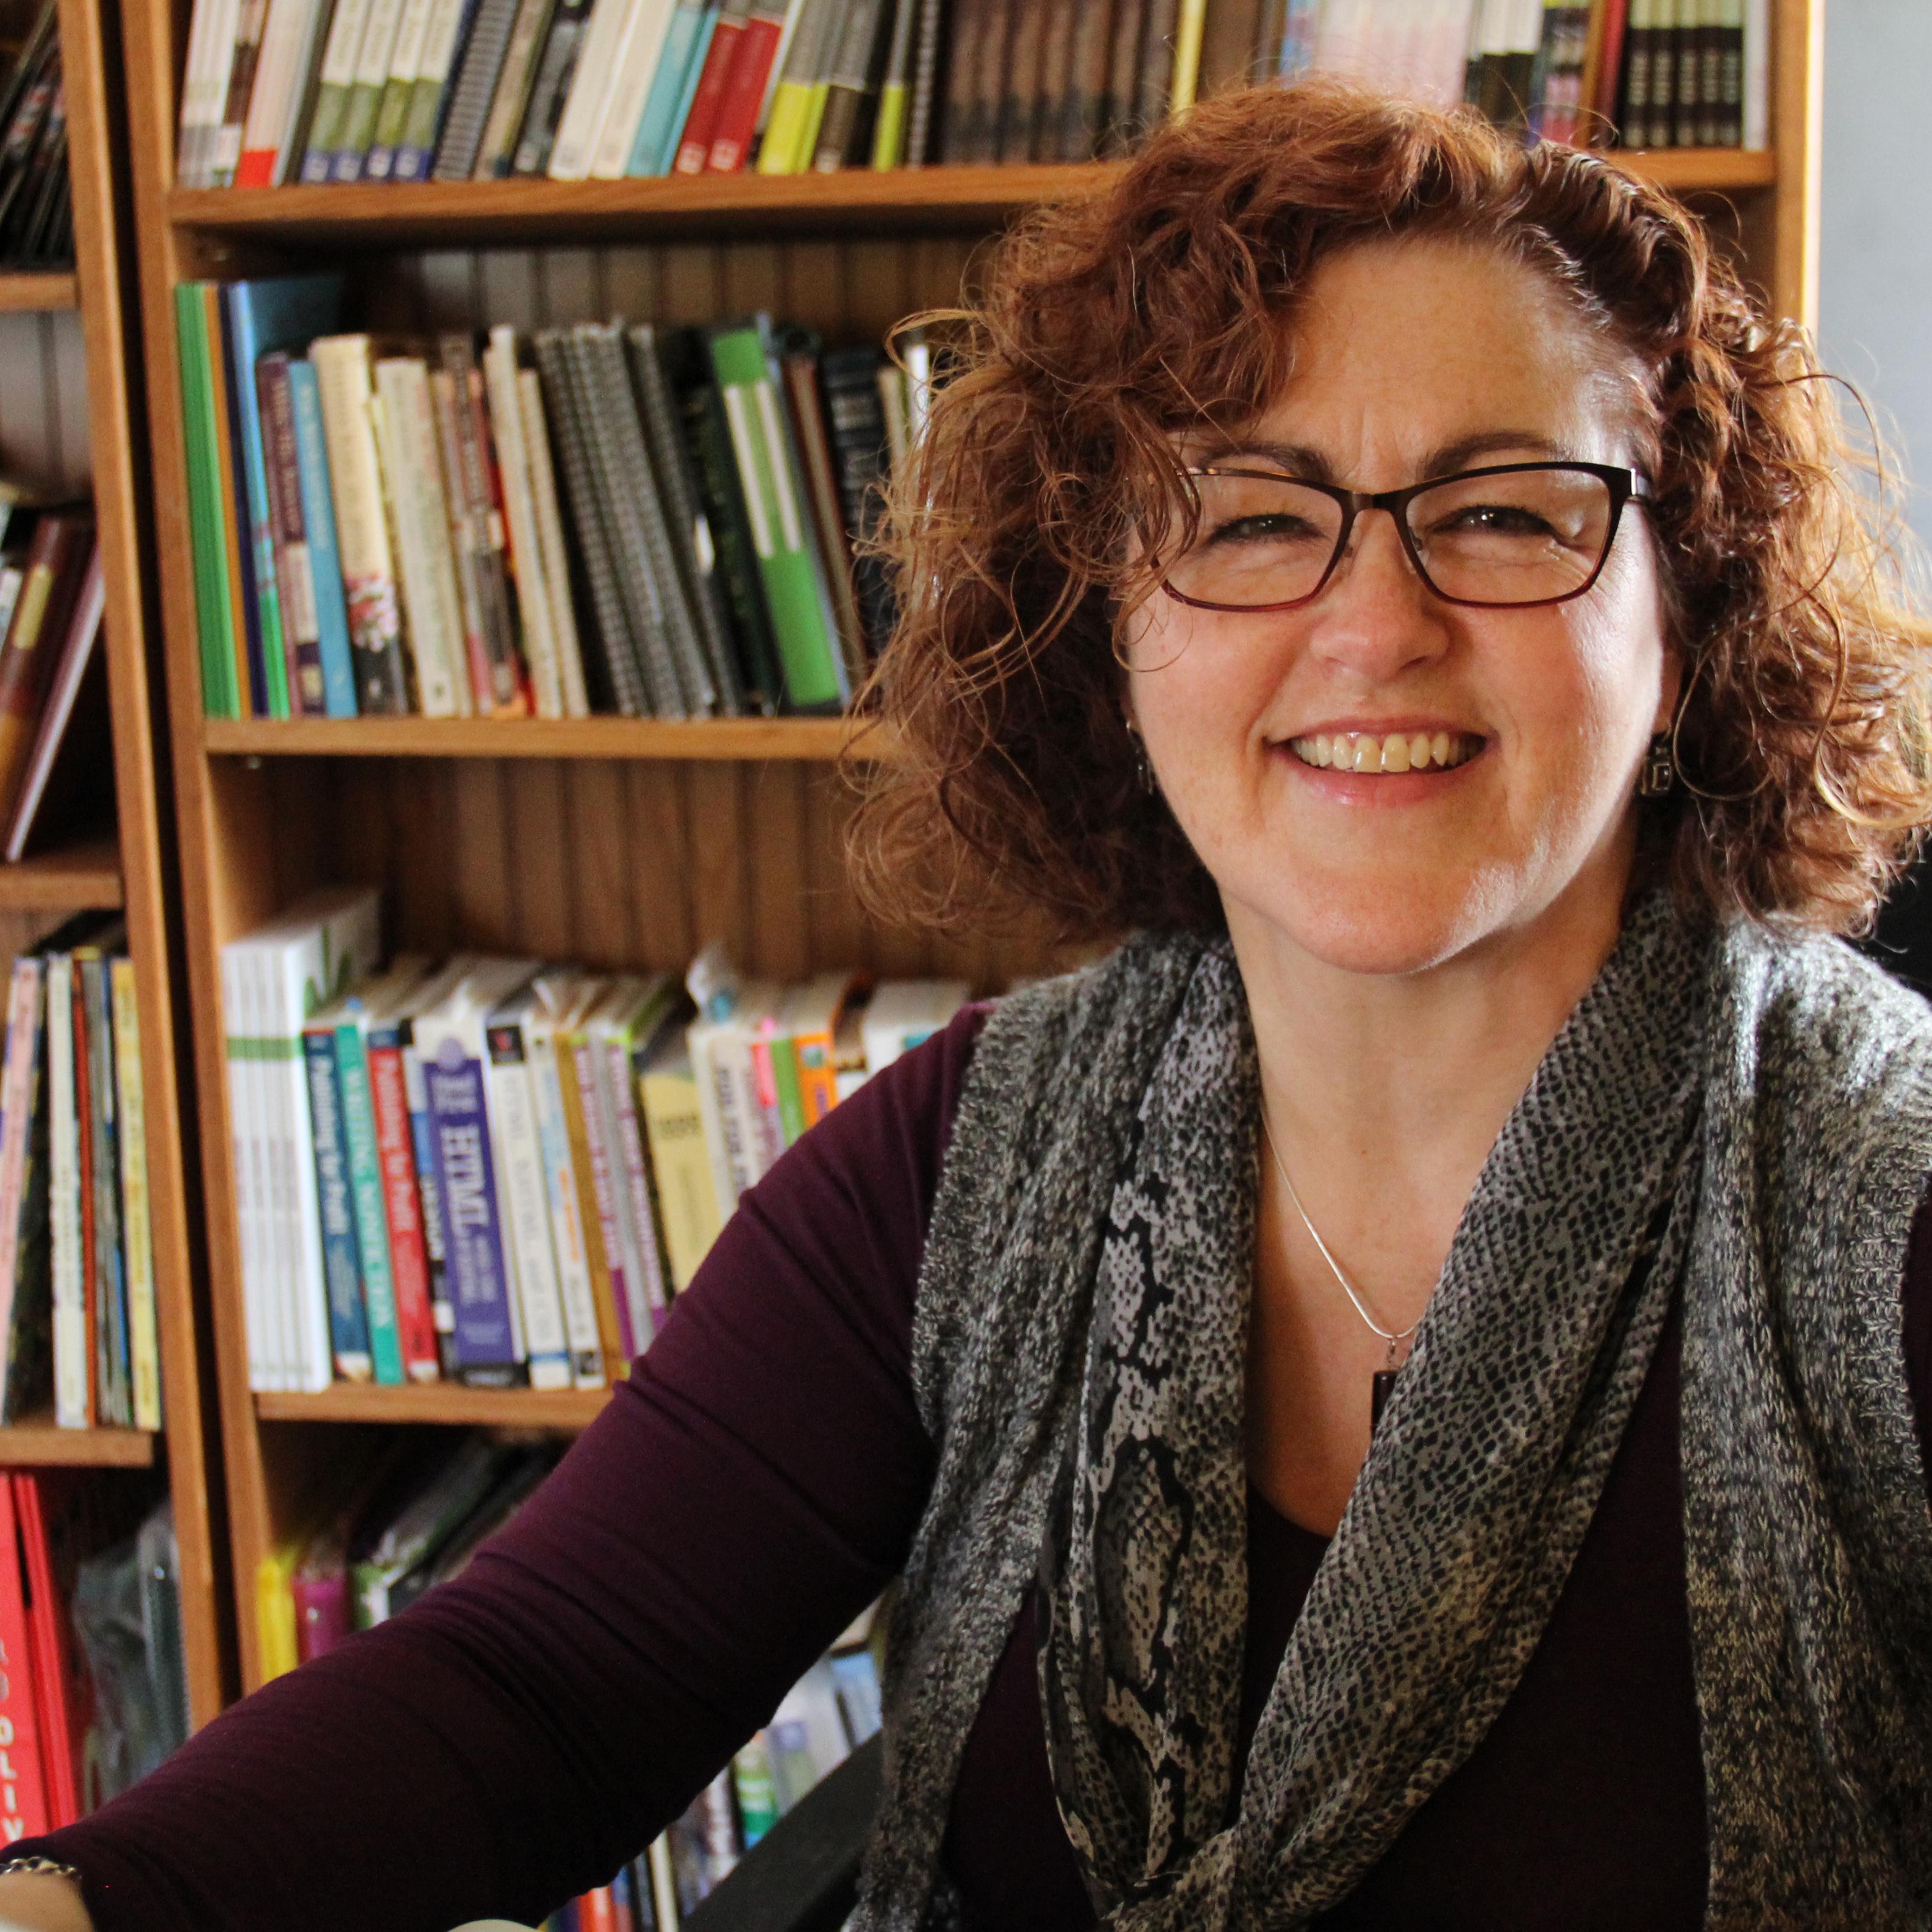 Debbie Capeci